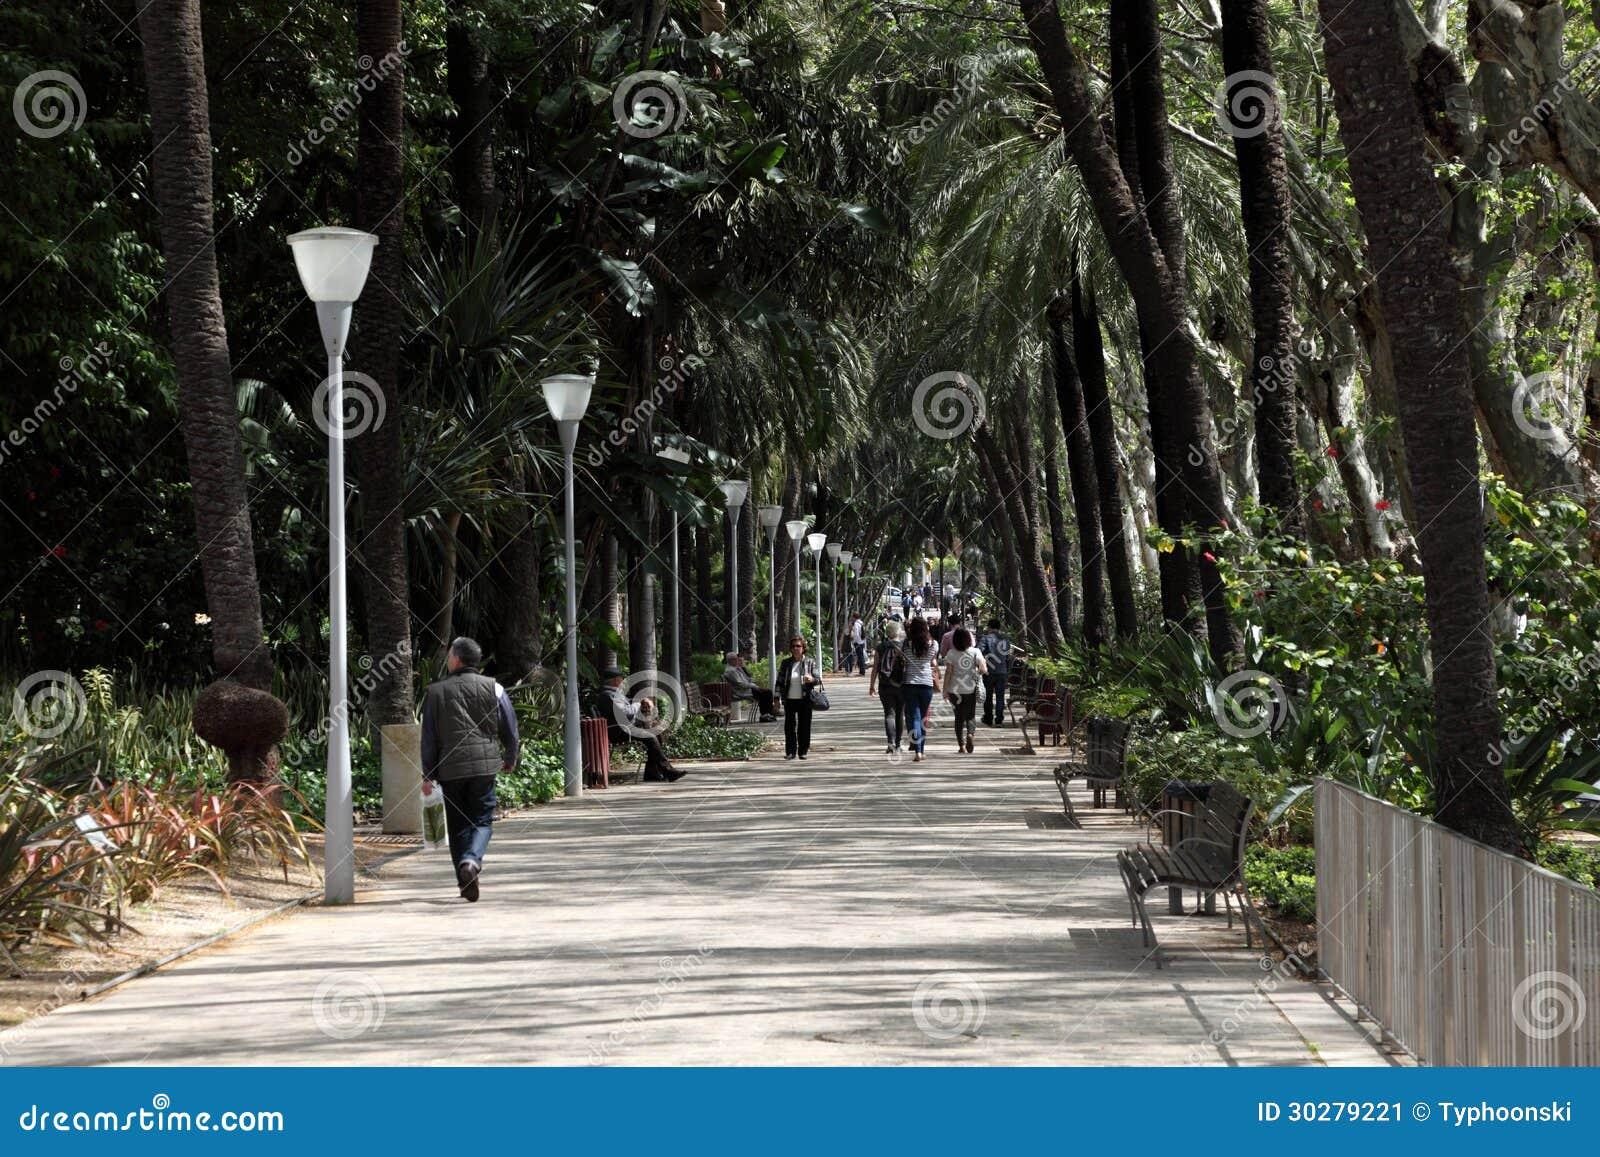 漫步在城市公园的人们